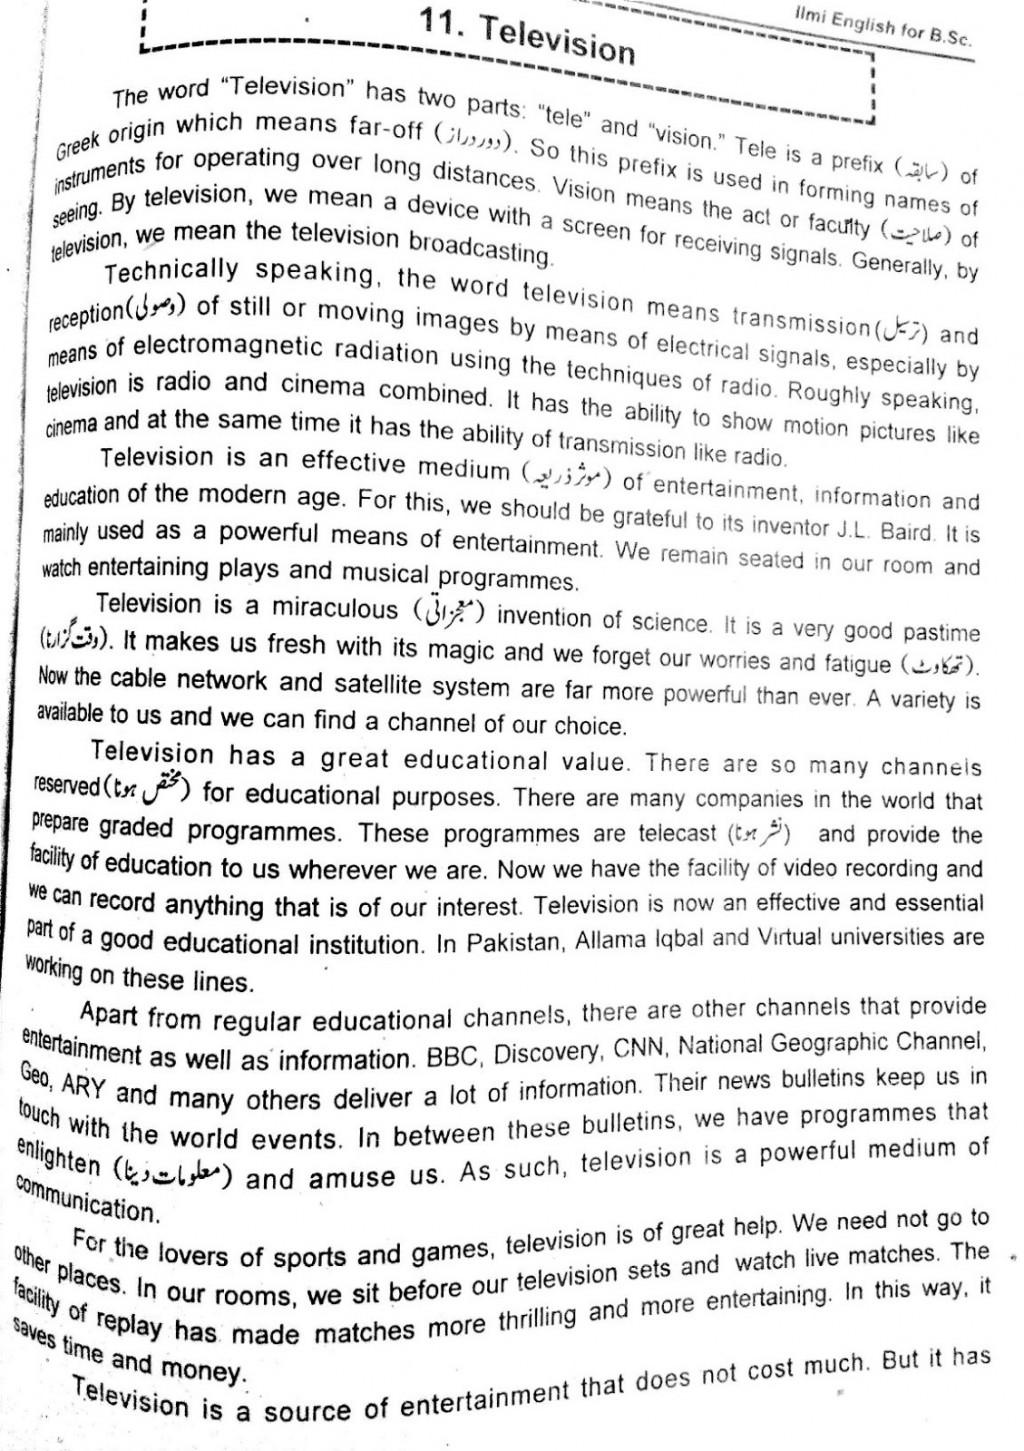 017 Advantages Formal Education Essay Example Stupendous Large